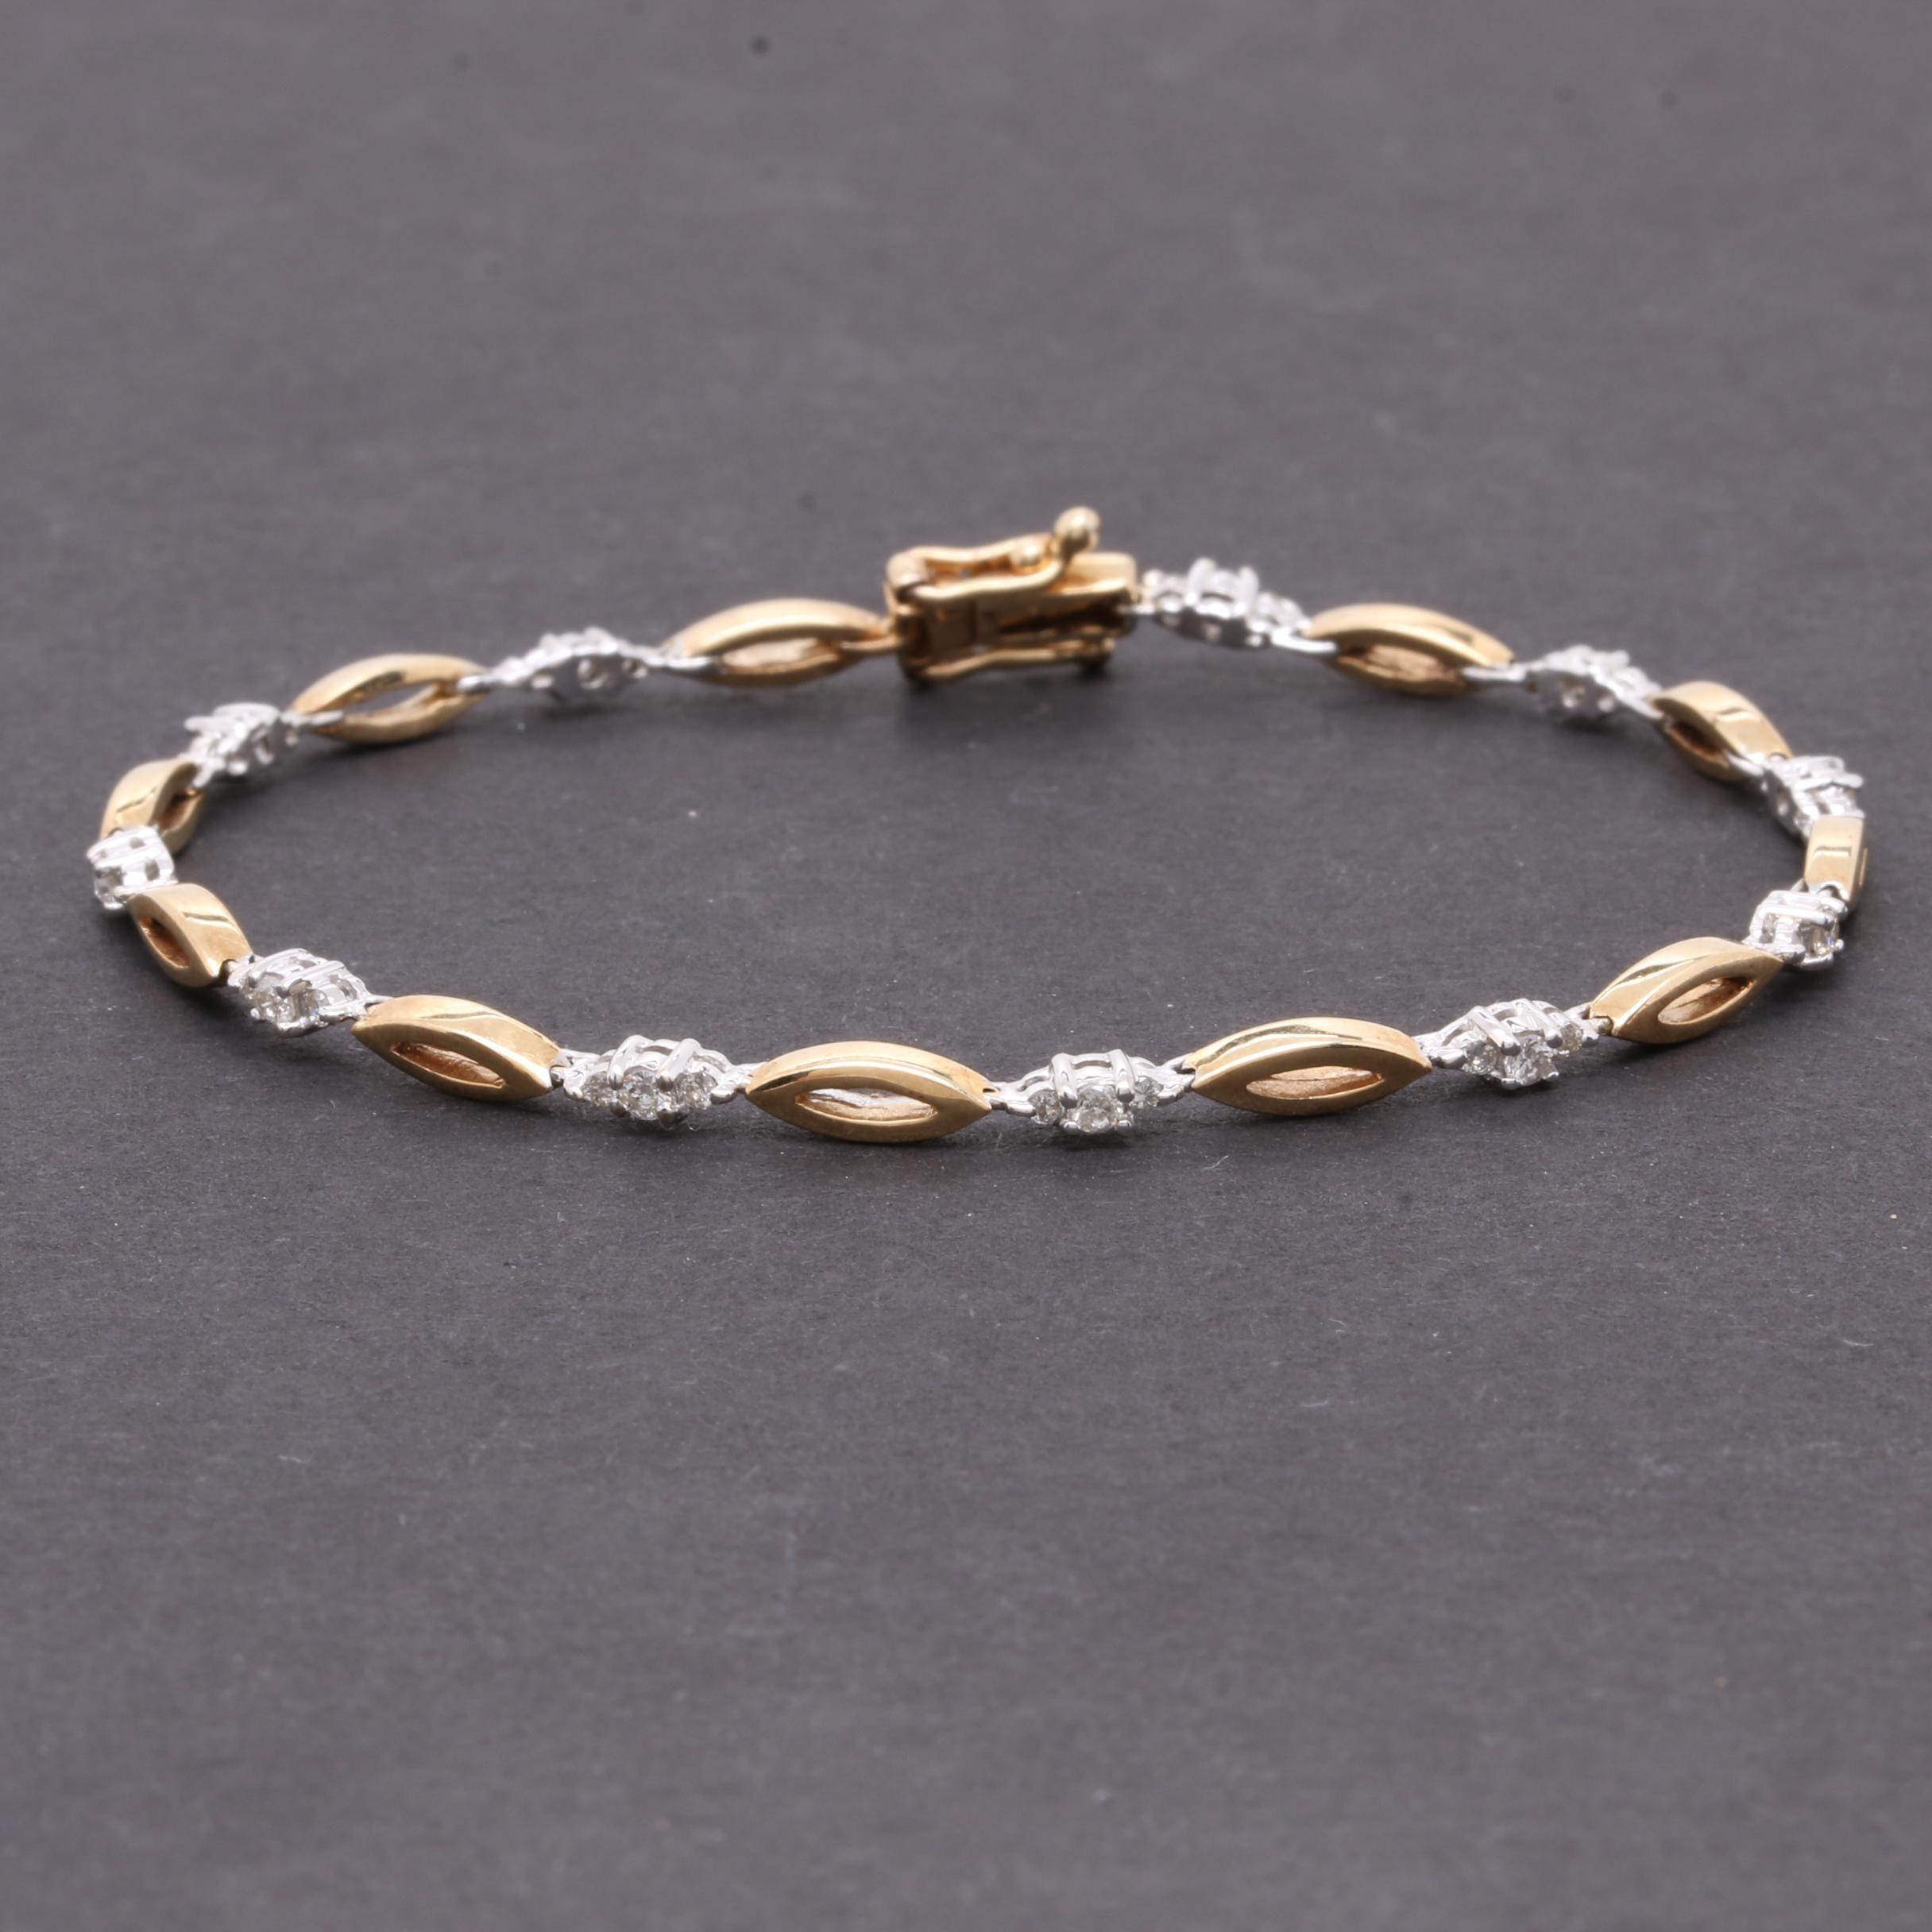 14K Yellow and White Gold Diamond Bracelet